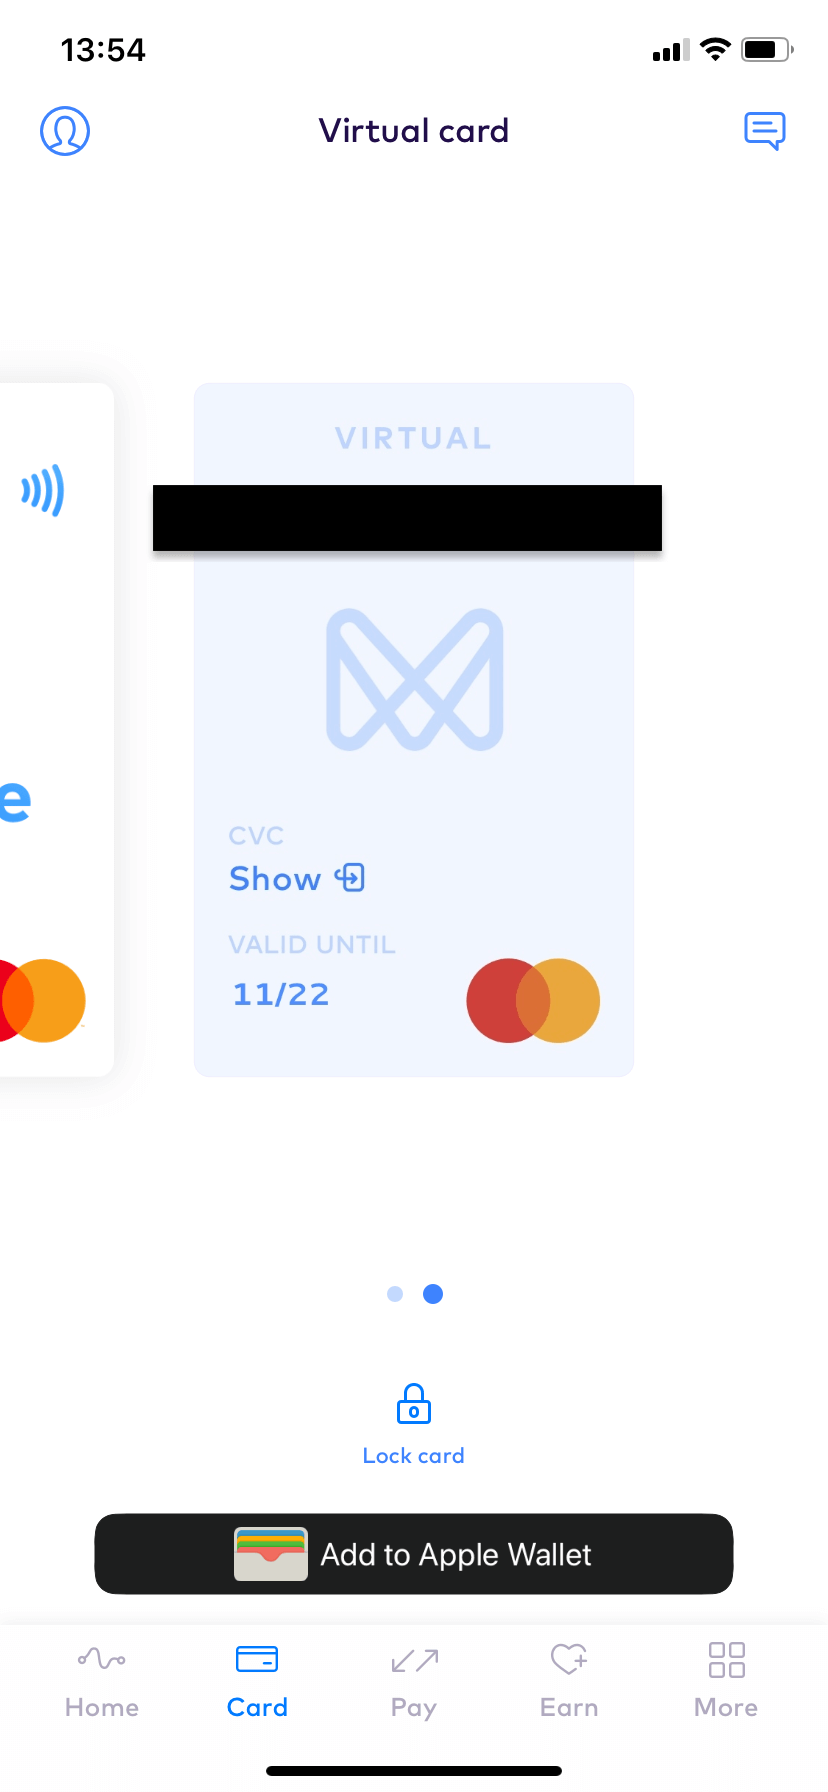 Monese virtual card